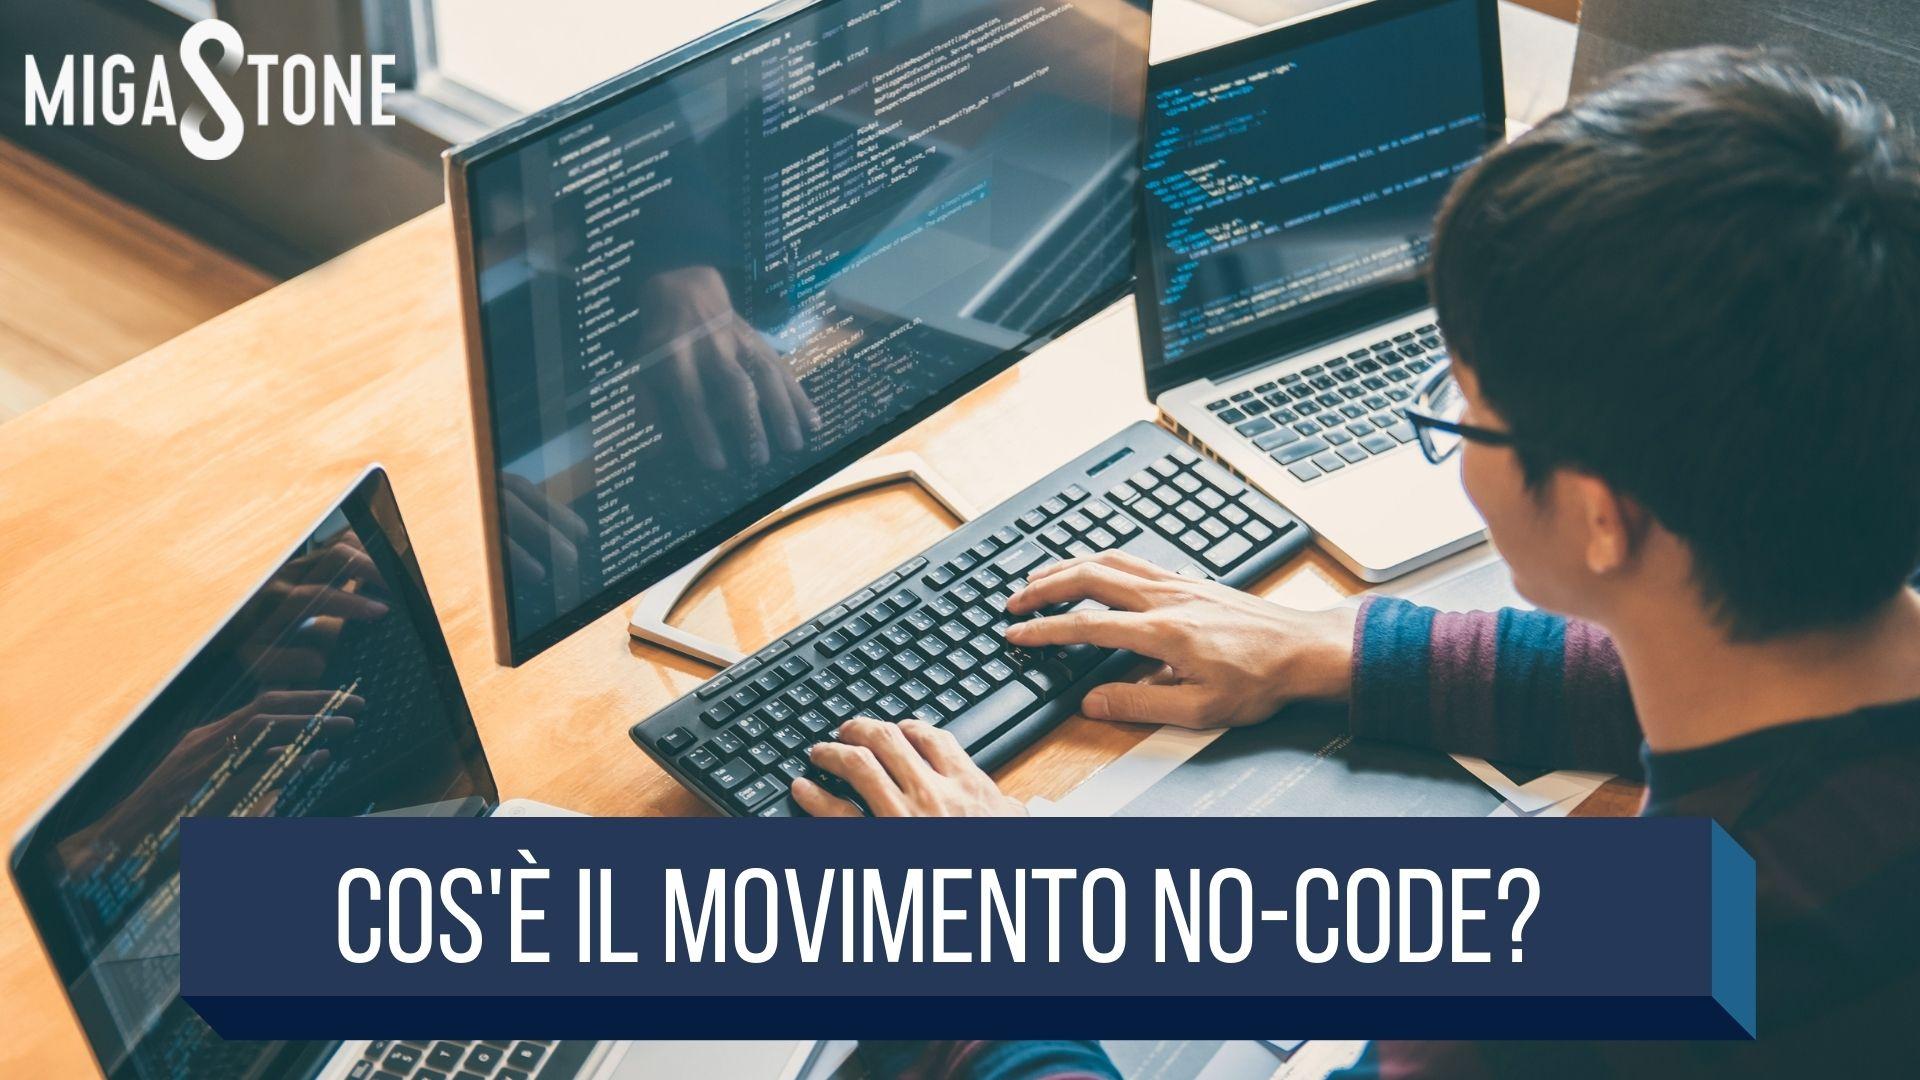 , Cos'è il movimento NO-CODE, Migastone Blog